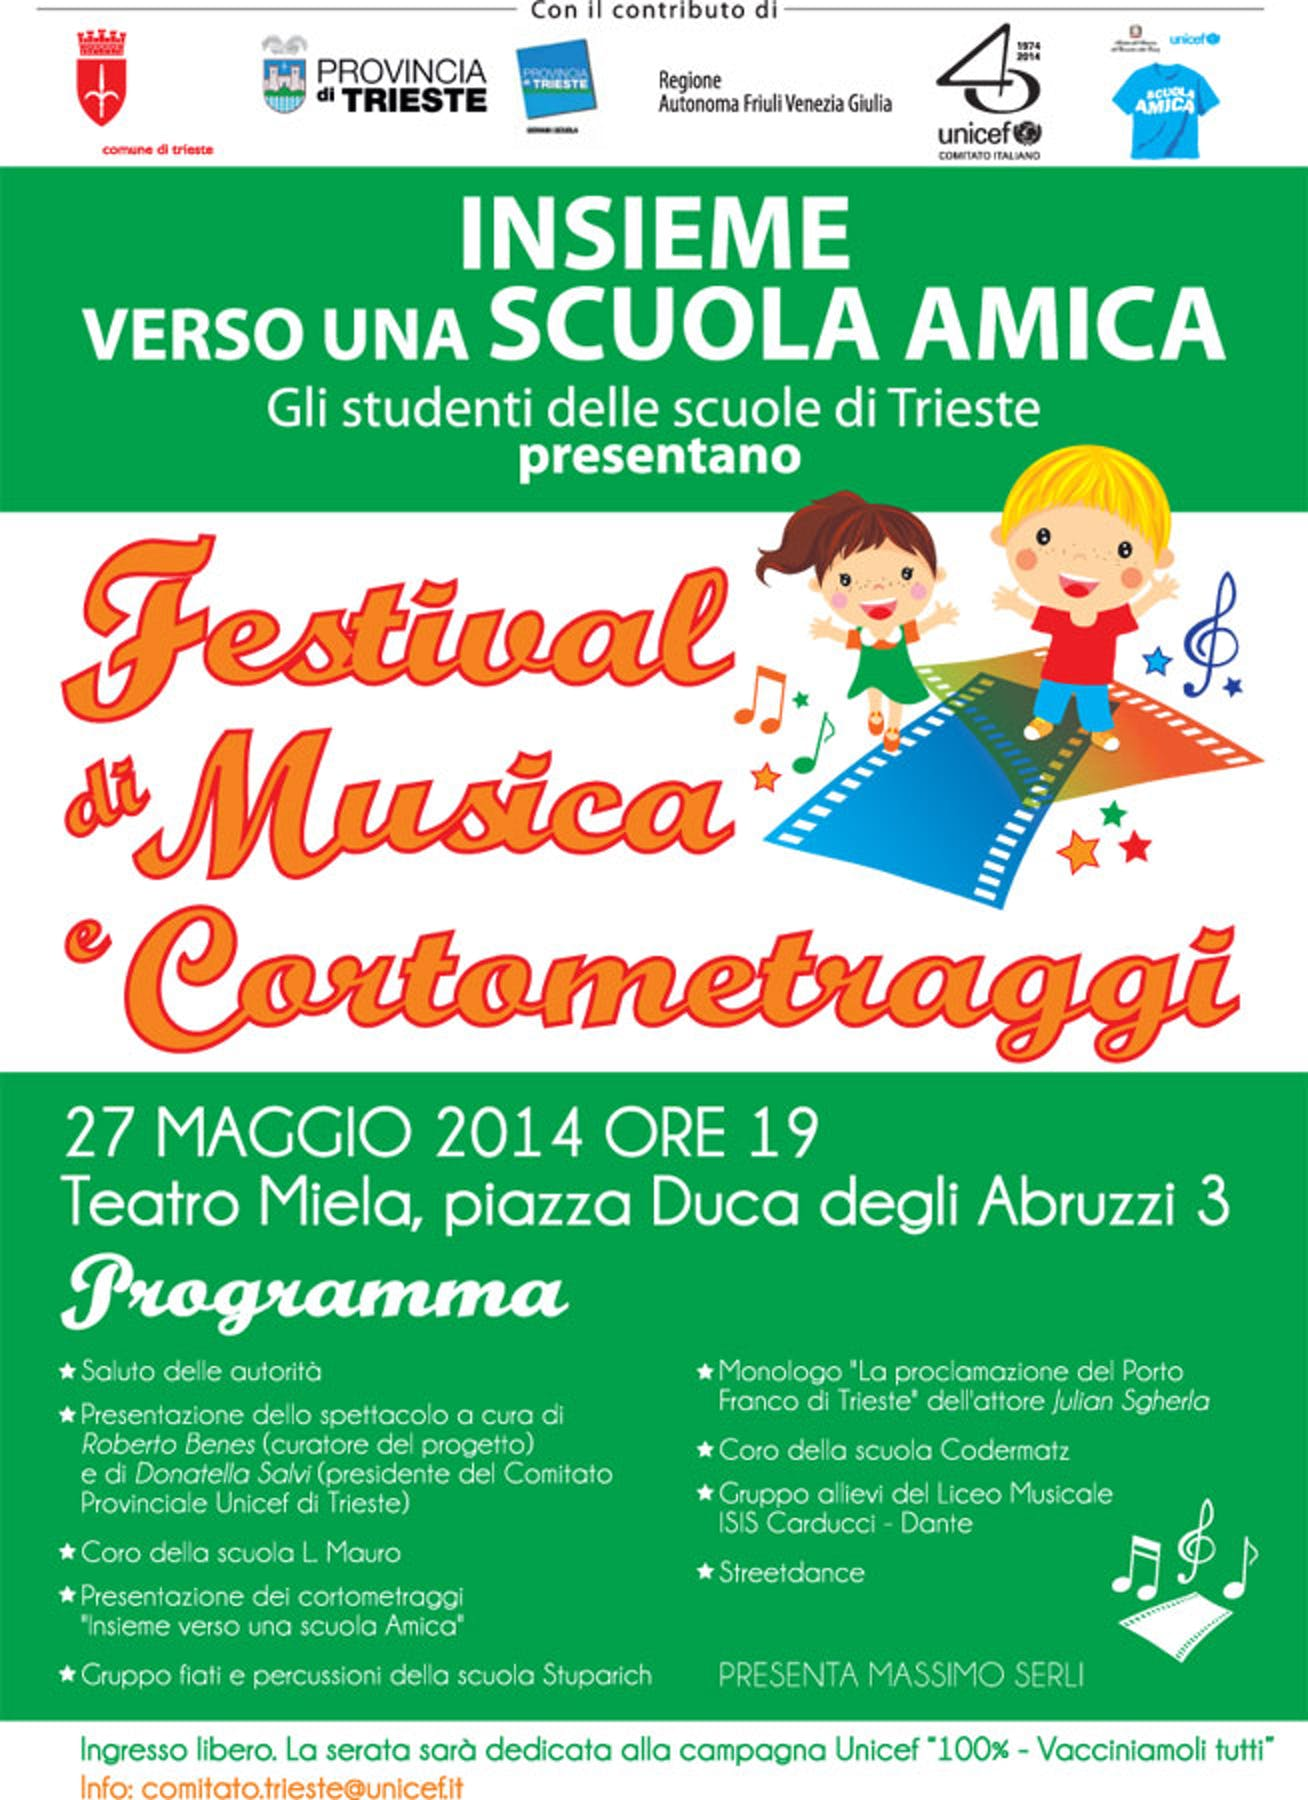 Trieste: tutto pronto per lo spettacolo delle Scuole Amiche UNICEF